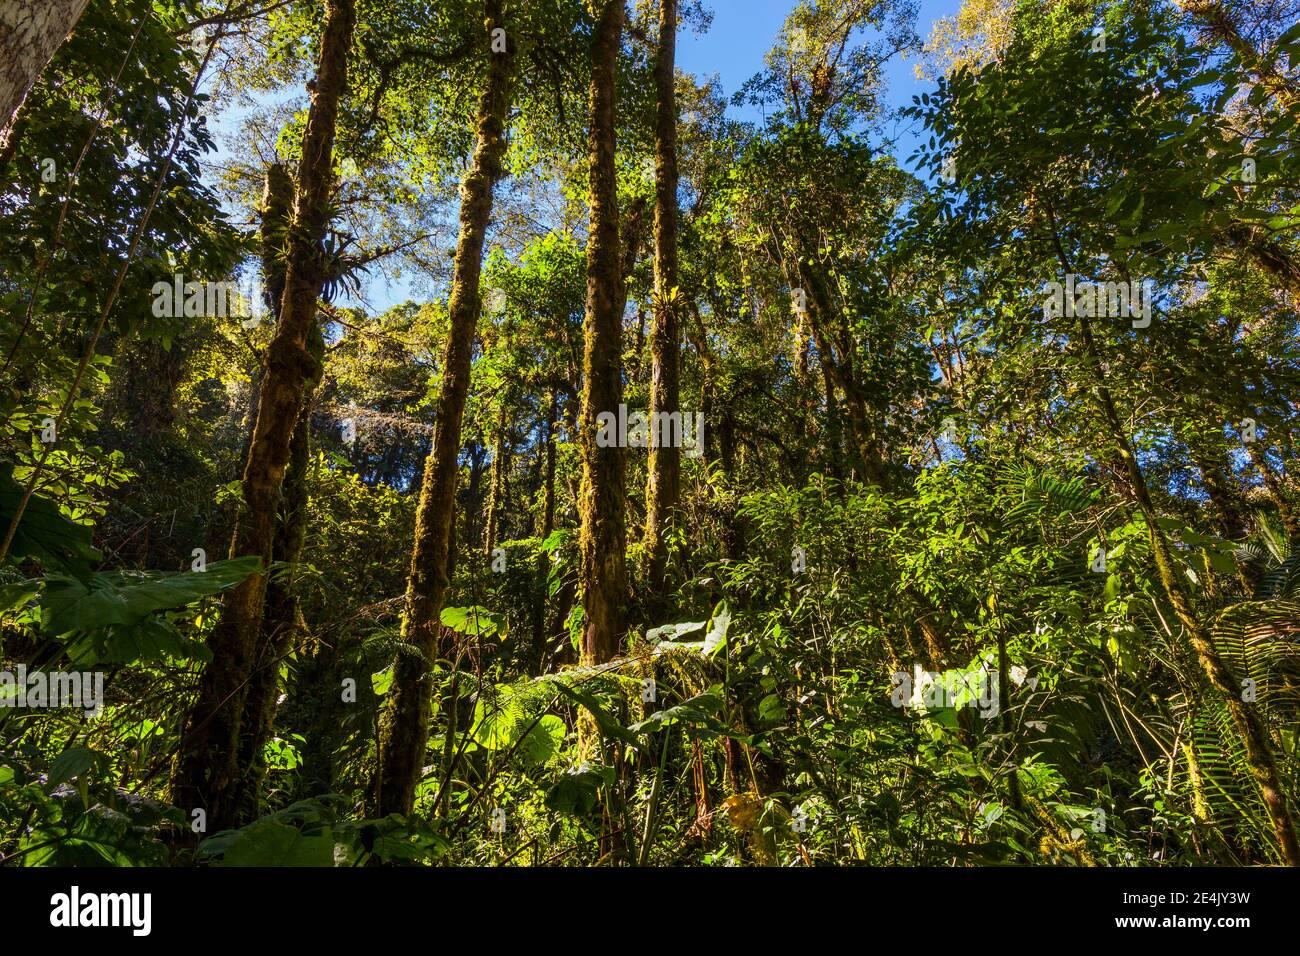 Forêt tropicale luxuriante dans le parc national de la Amistad, province de Chiriqui, République du Panama. Banque D'Images